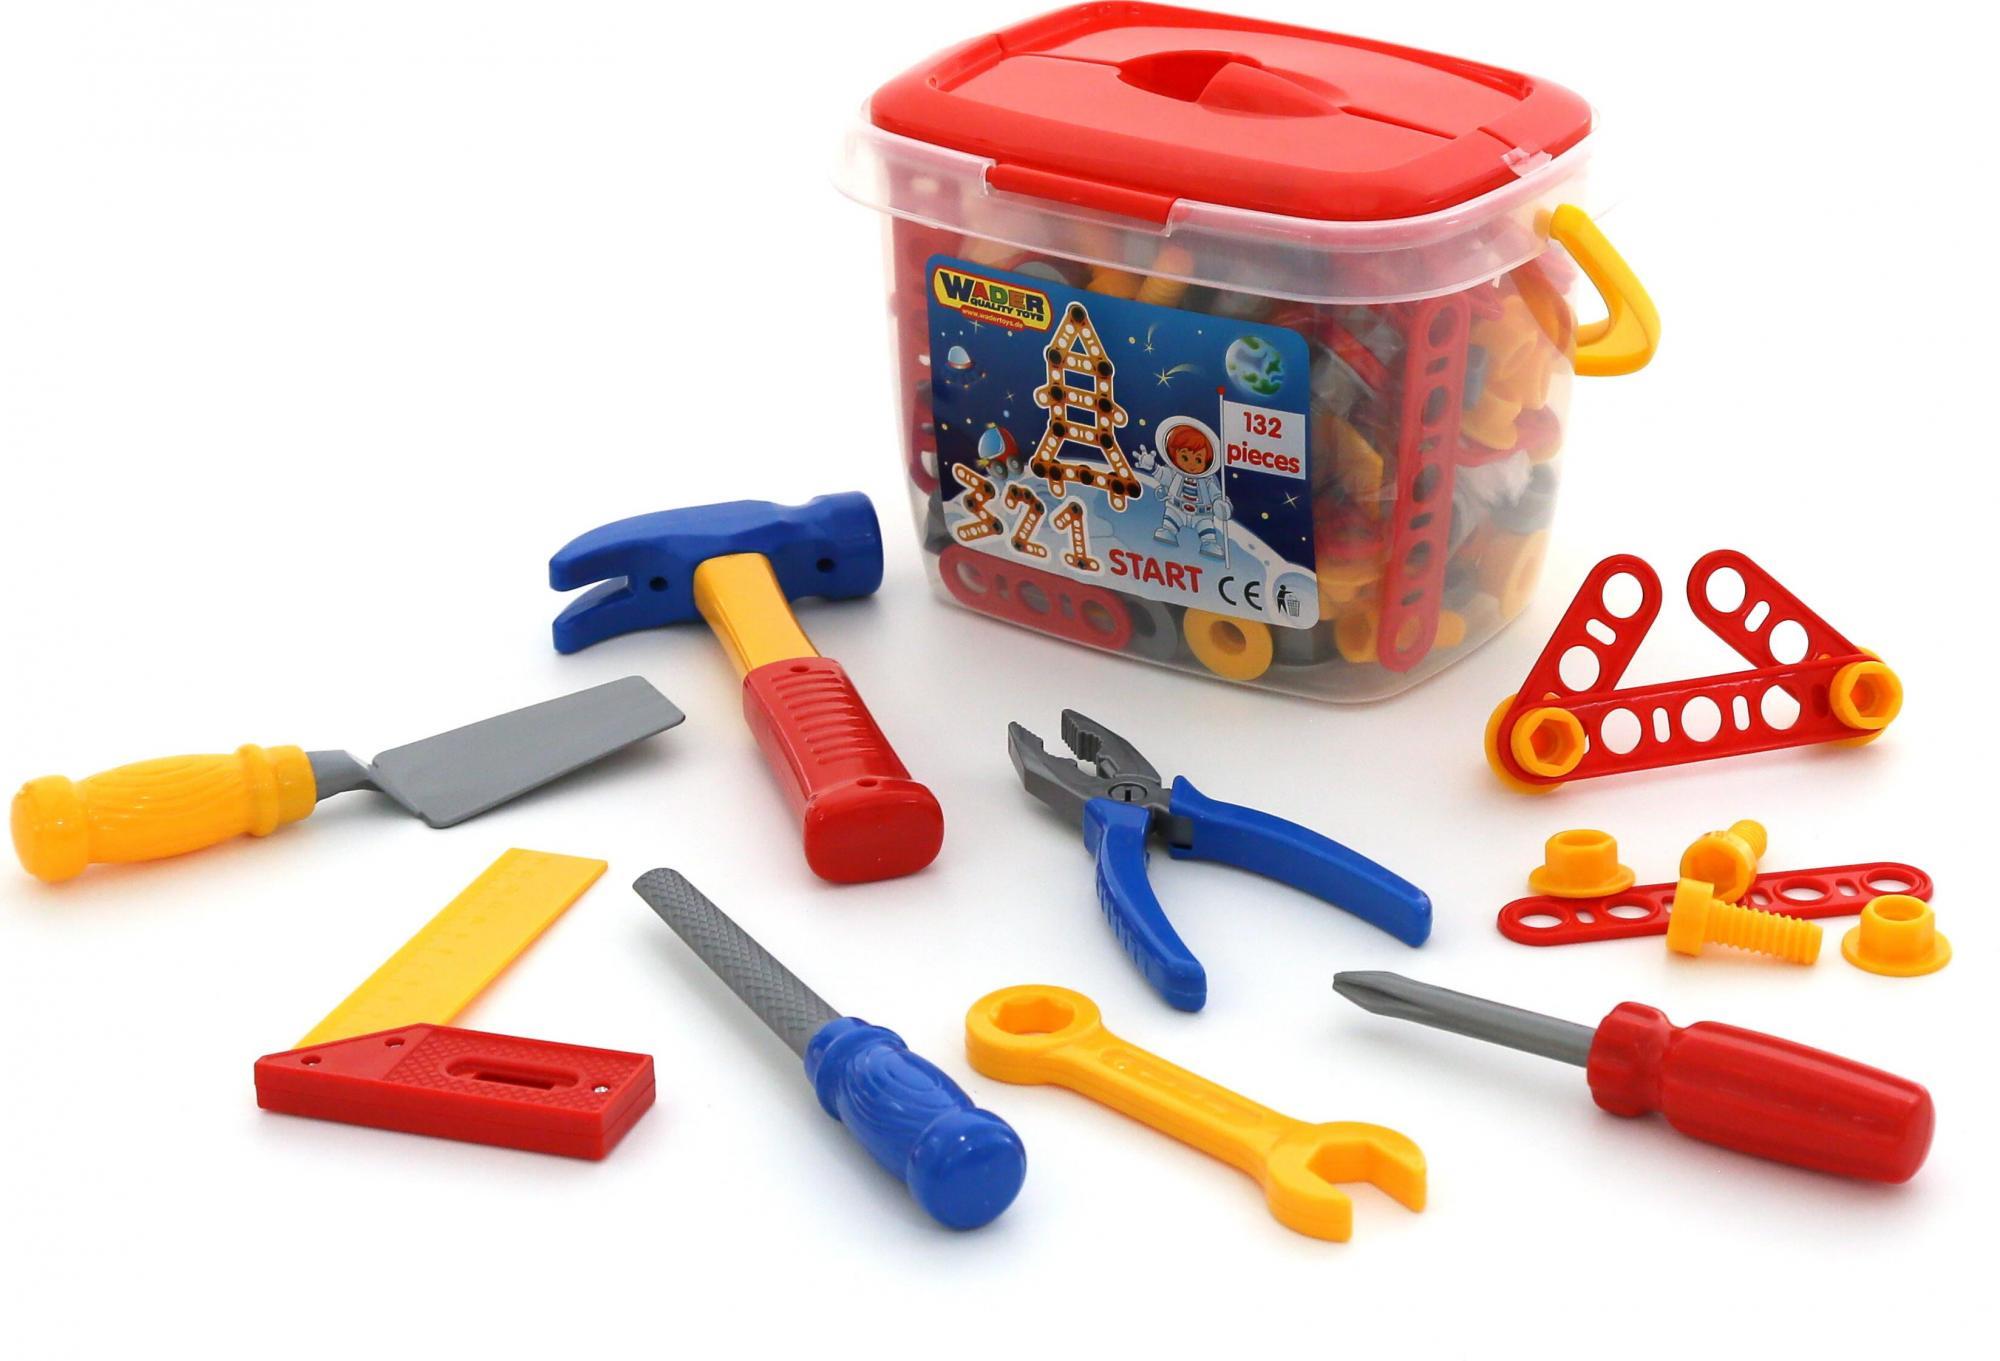 Набор инструментов №3, 132 элемента в ведёркеДетские мастерские, инструменты<br>Набор инструментов №3, 132 элемента в ведёрке<br>